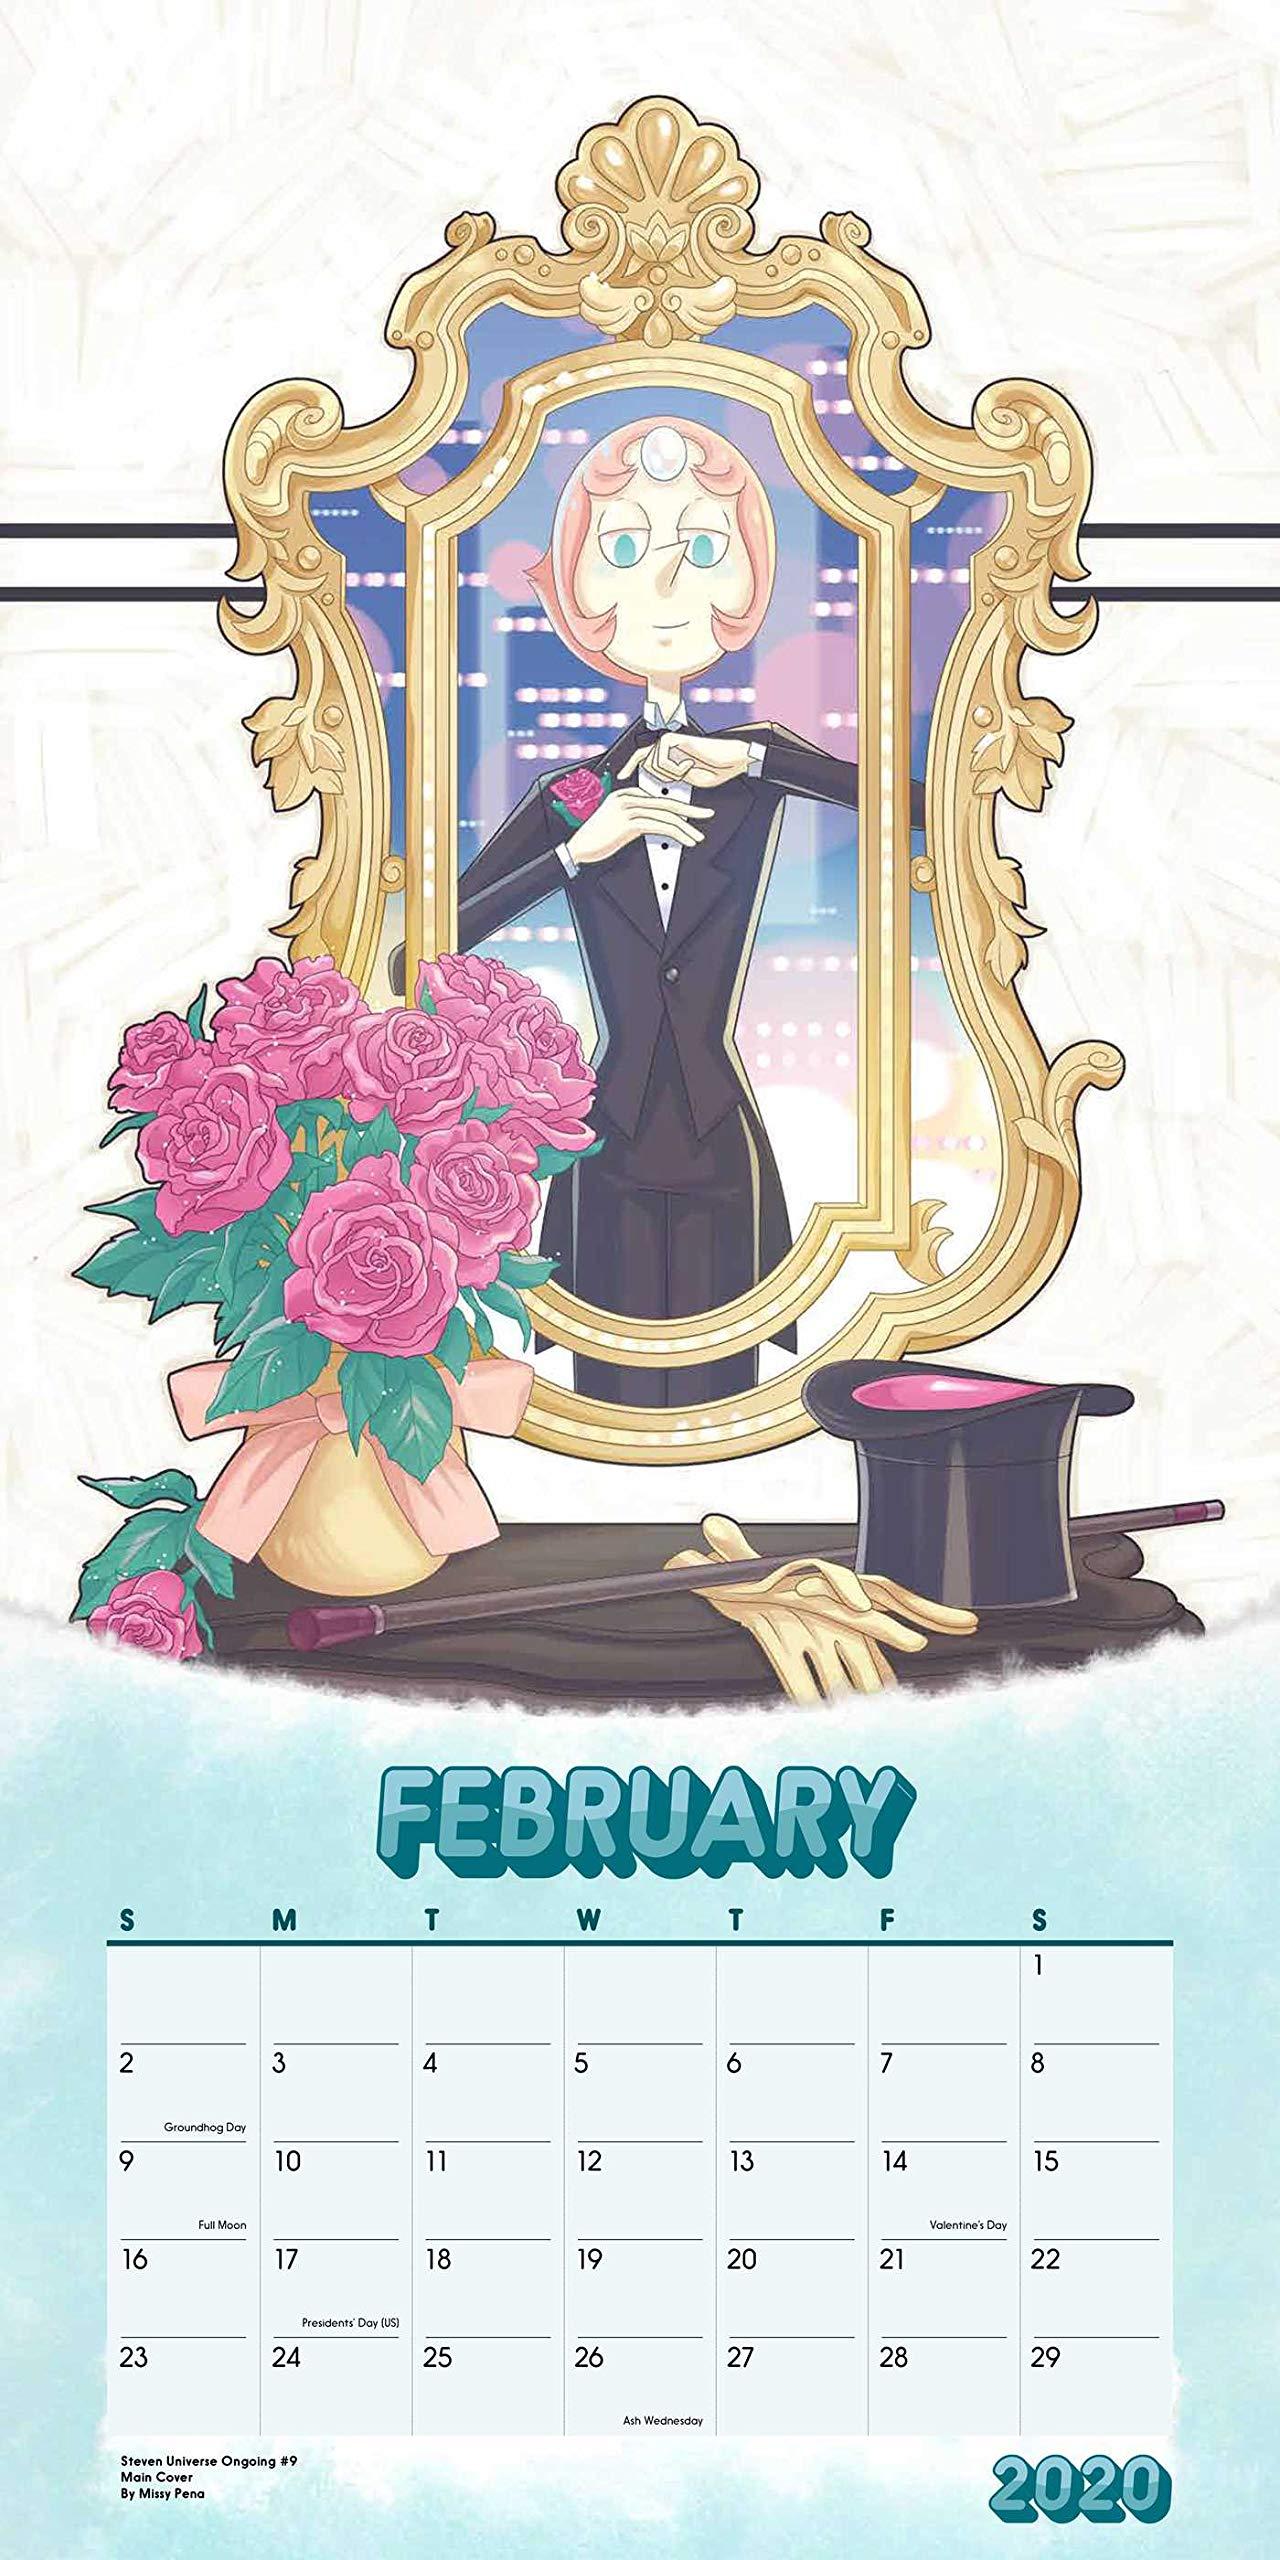 Presidents Day 2020 Calendar.Steven Universe 2020 Wall Calendar Cartoon Network 0676728036357